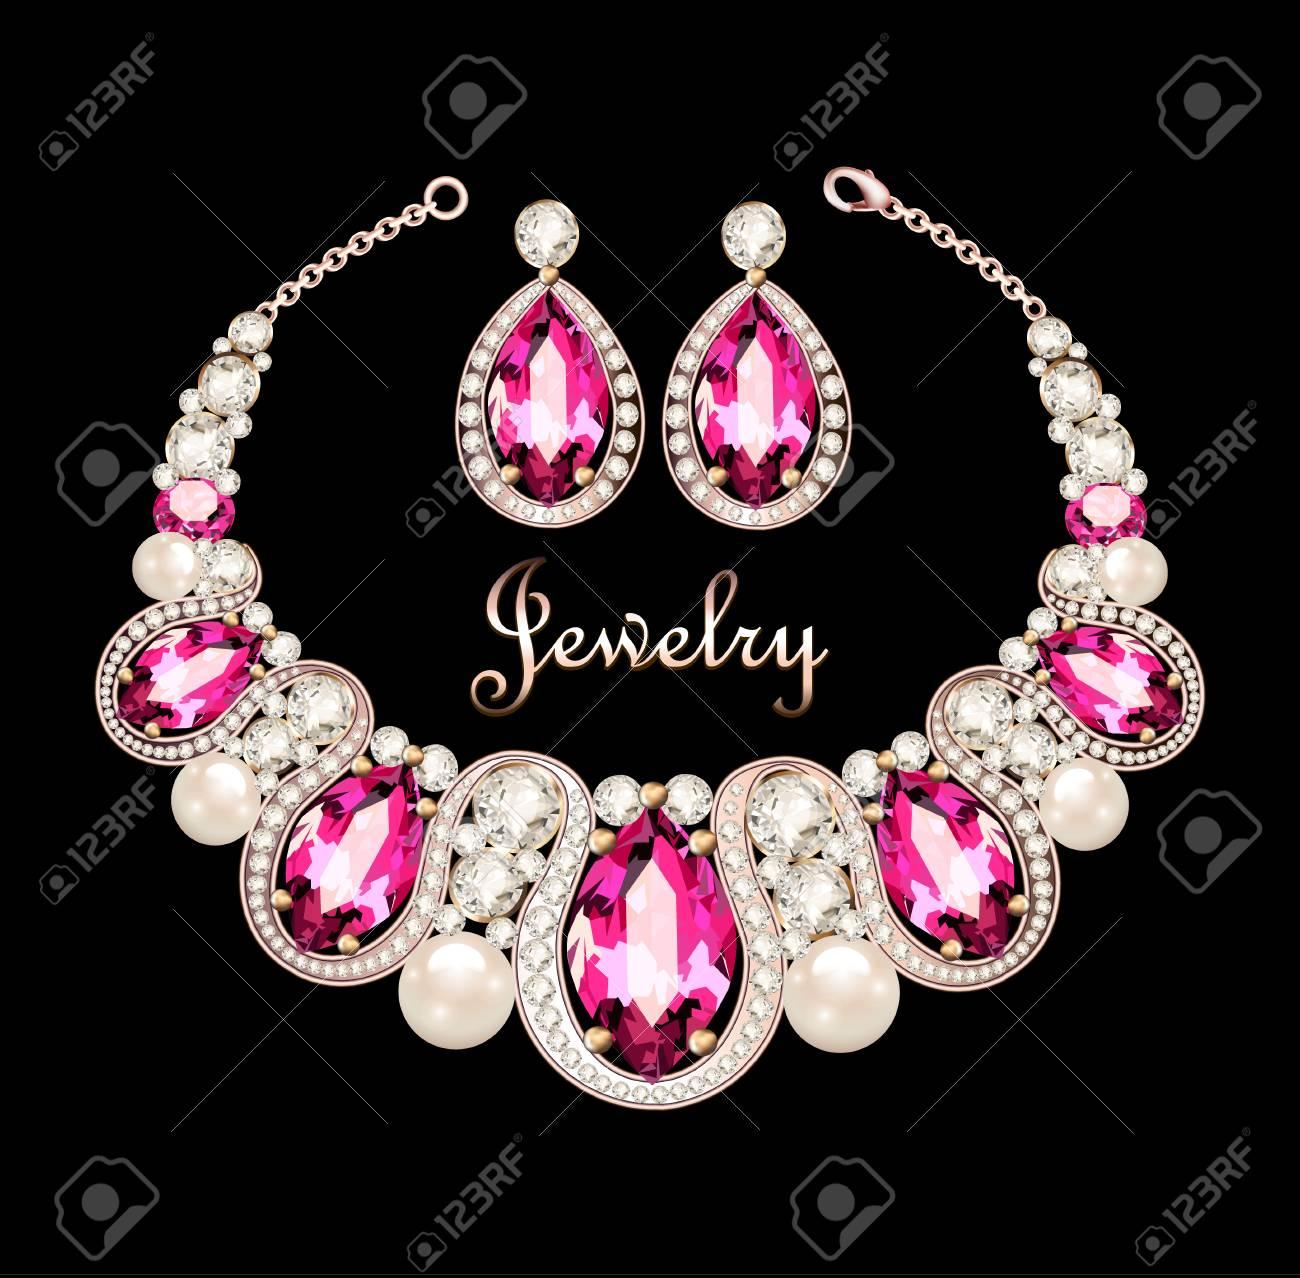 8f7809a9c97a Ilustración de un conjunto de joyas collar y pendientes con una hembra con  piedras preciosas de color rosa